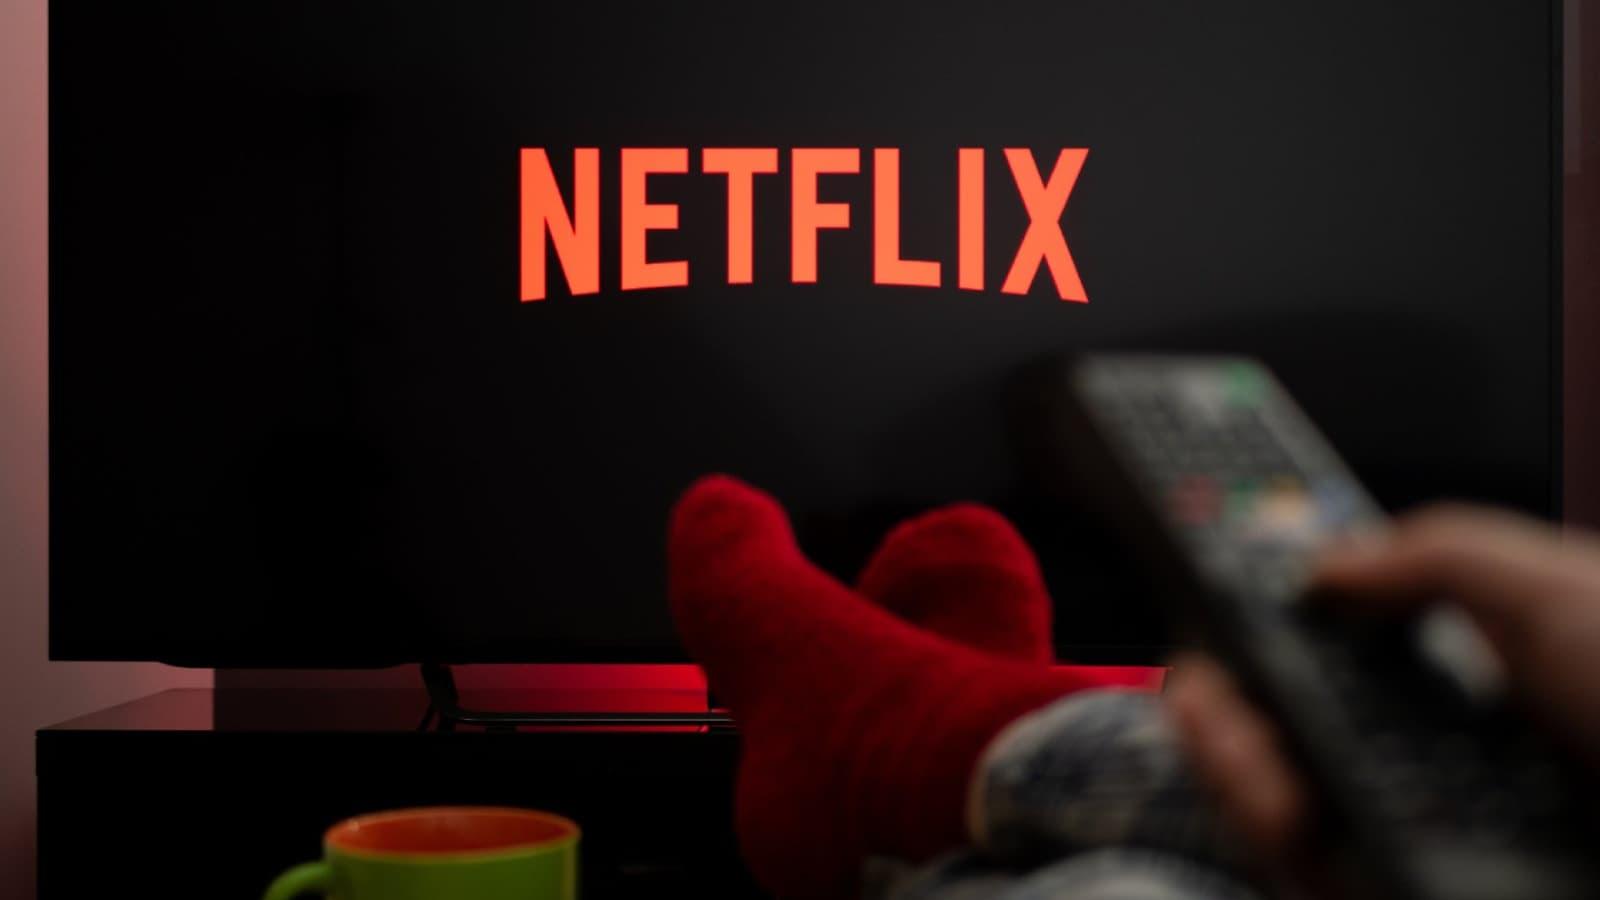 Netflix : des programmes pour toute la famille en toute sécurité